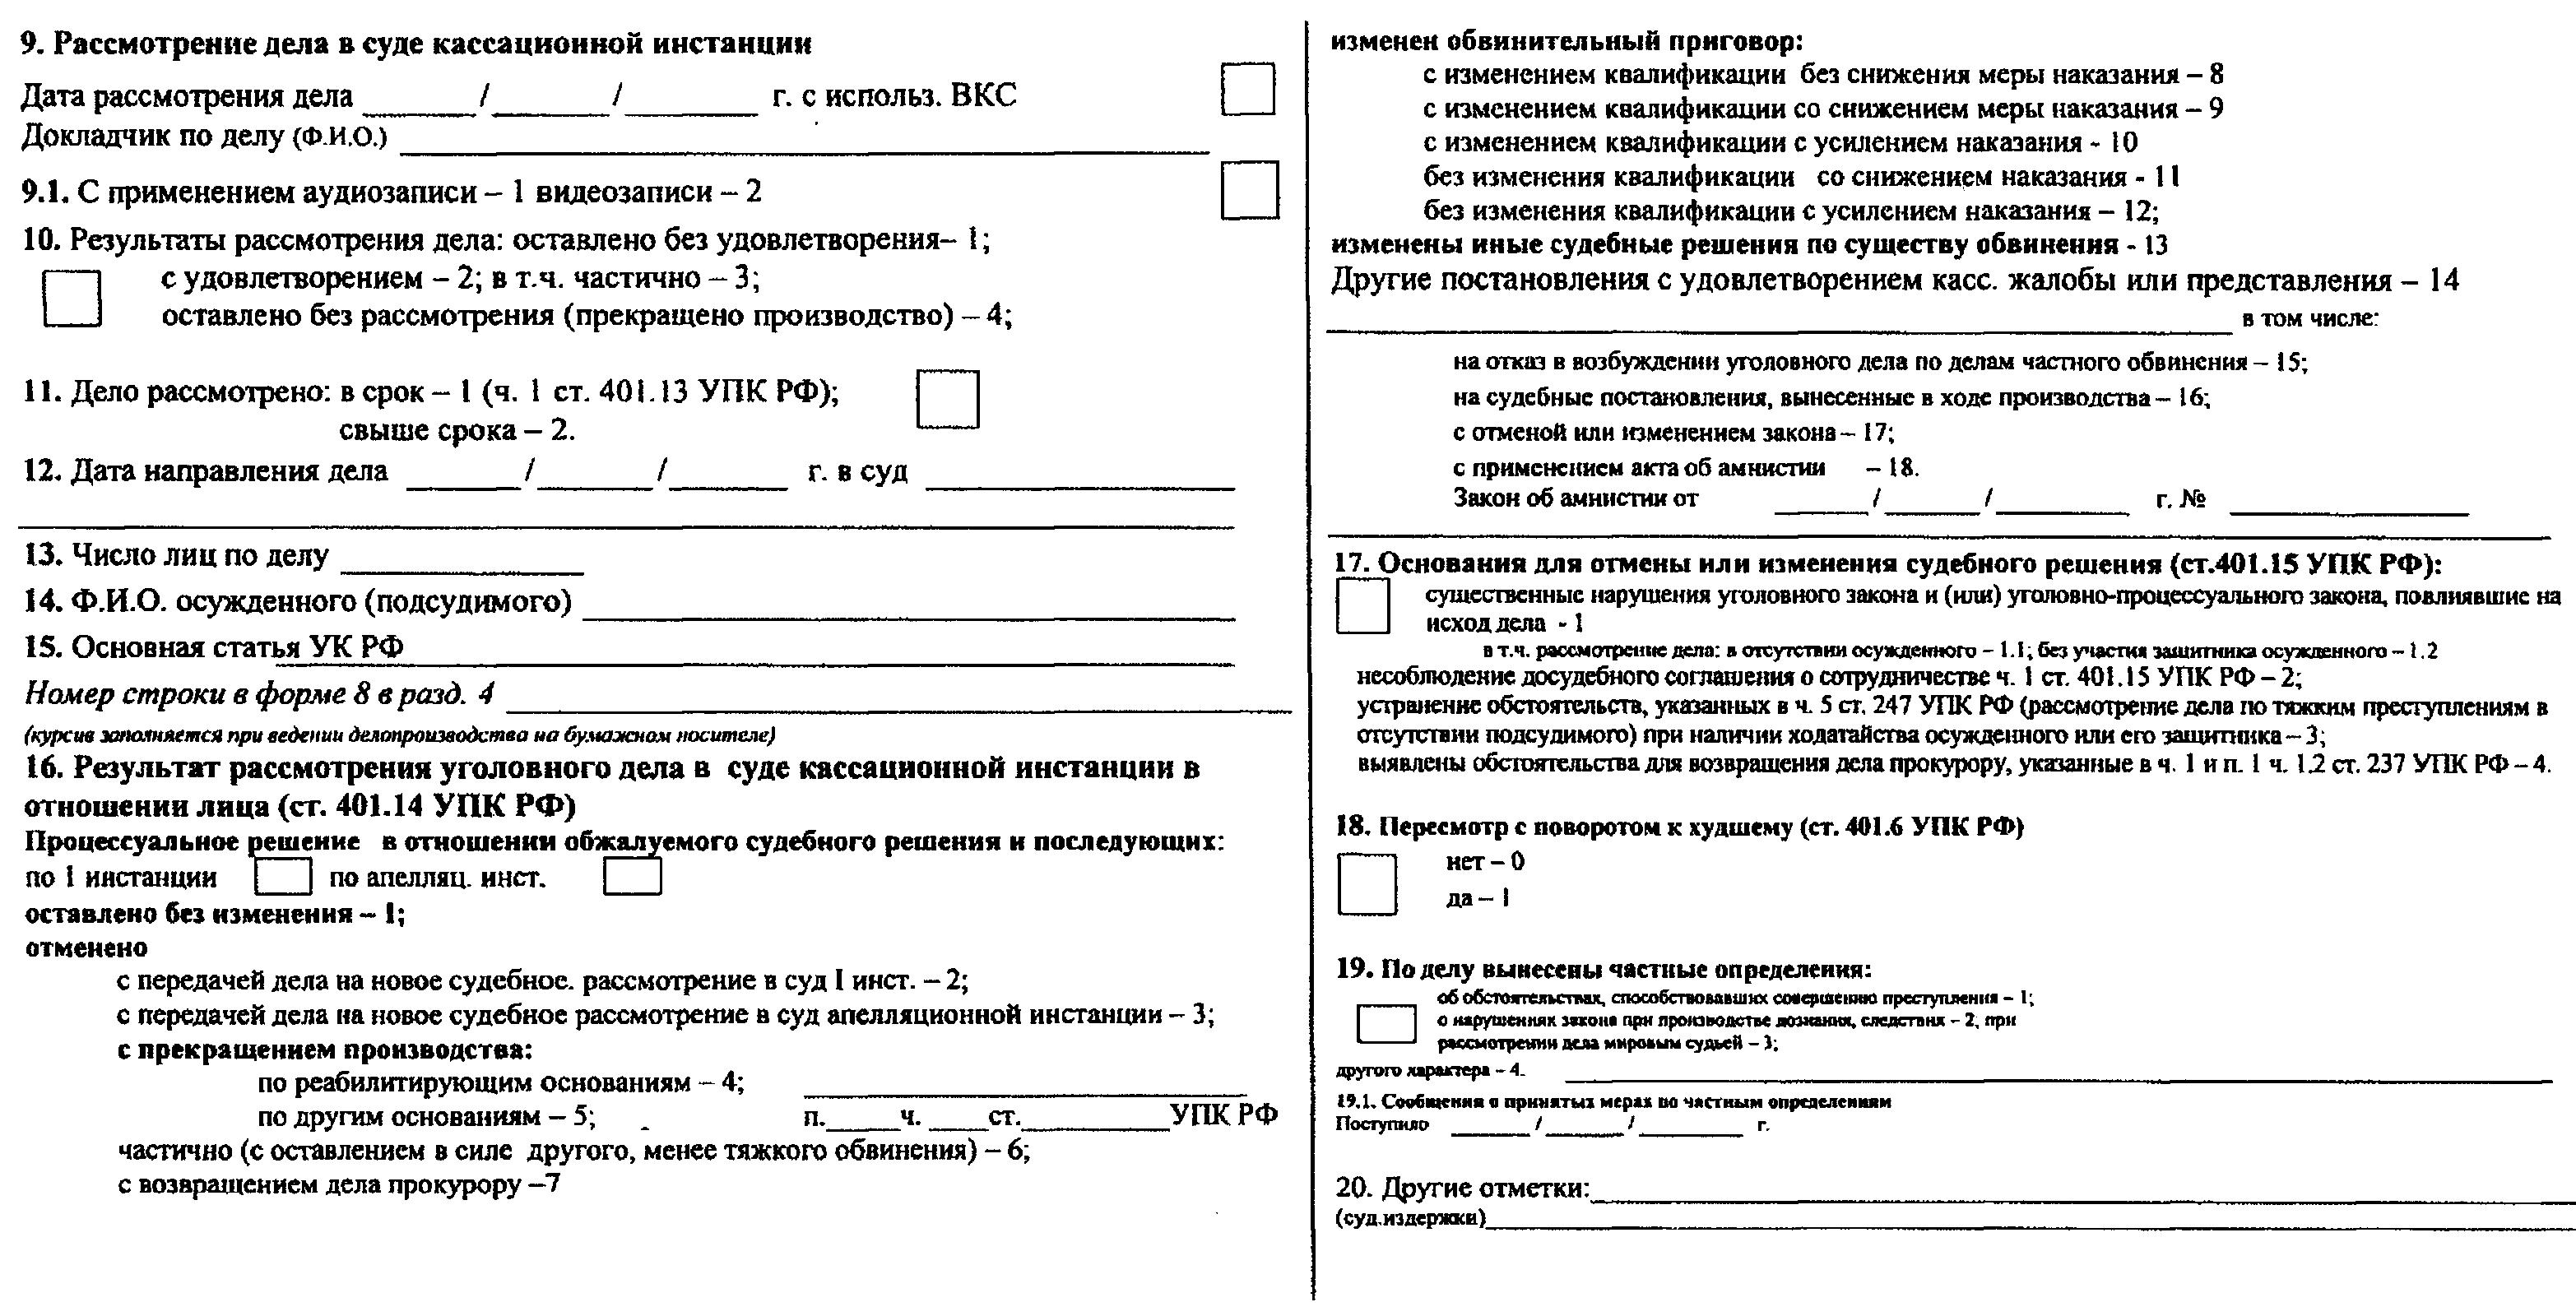 перечень документов для хранения оружия